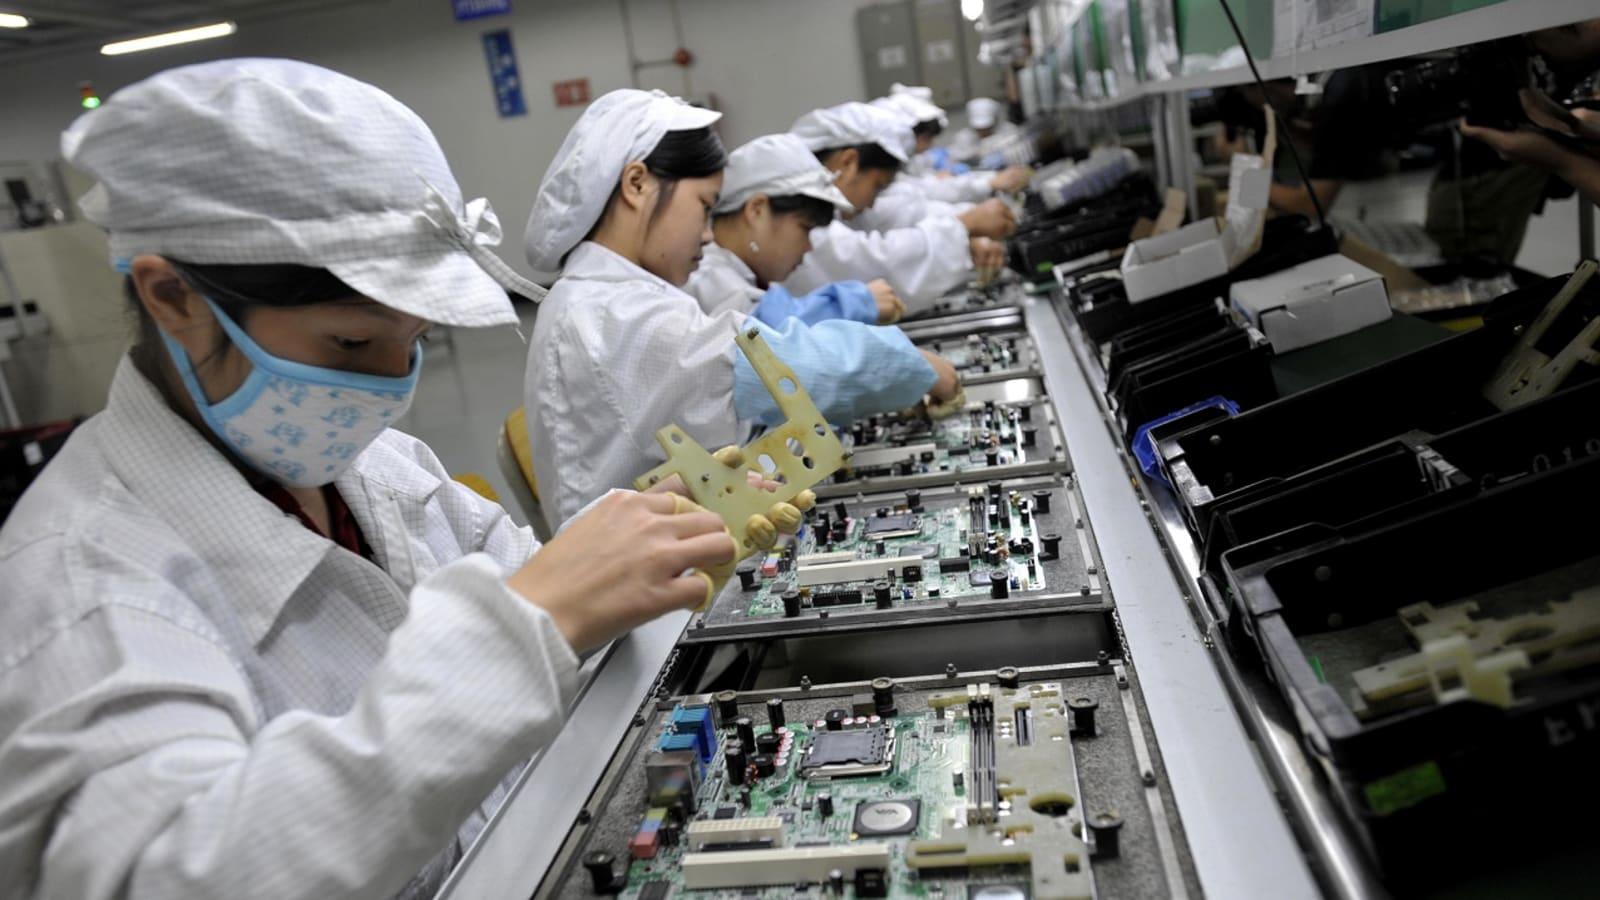 Завод по сборке iPhone вернулся к работе, но на новых условиях